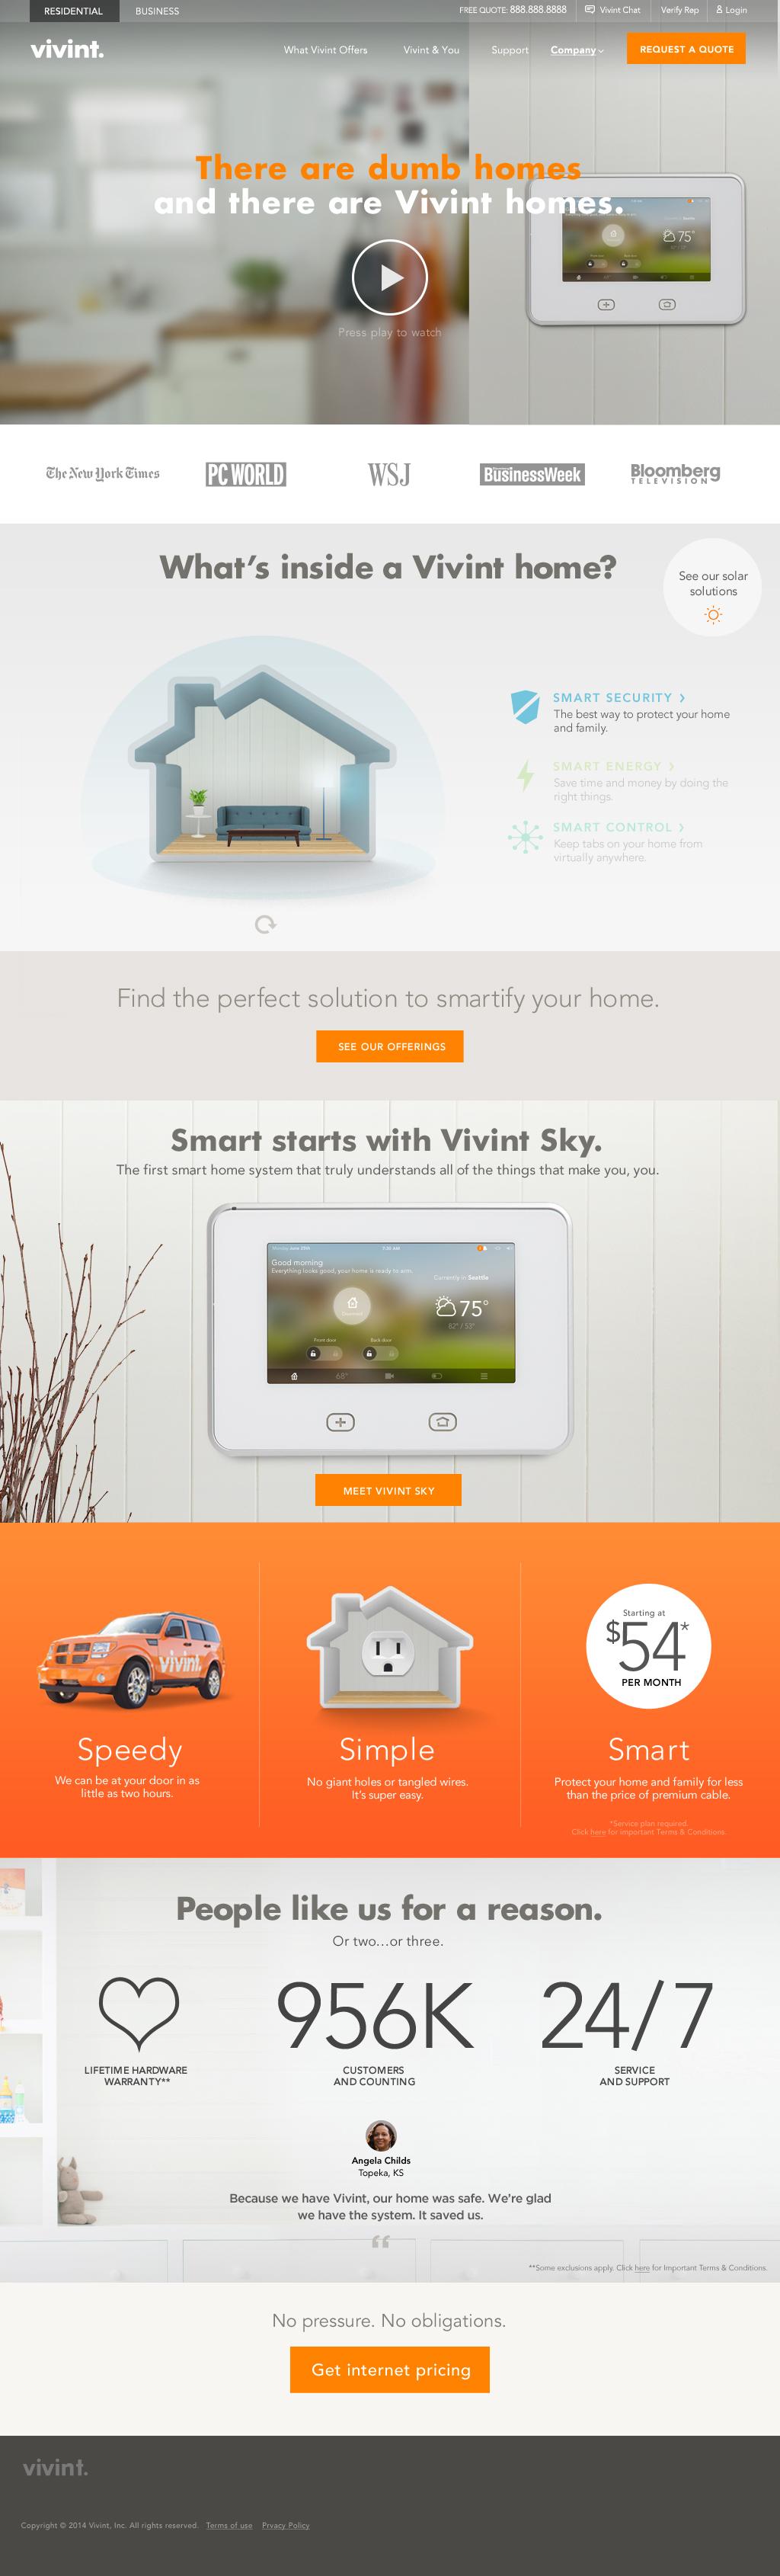 01_Vivint_Homepage.jpg